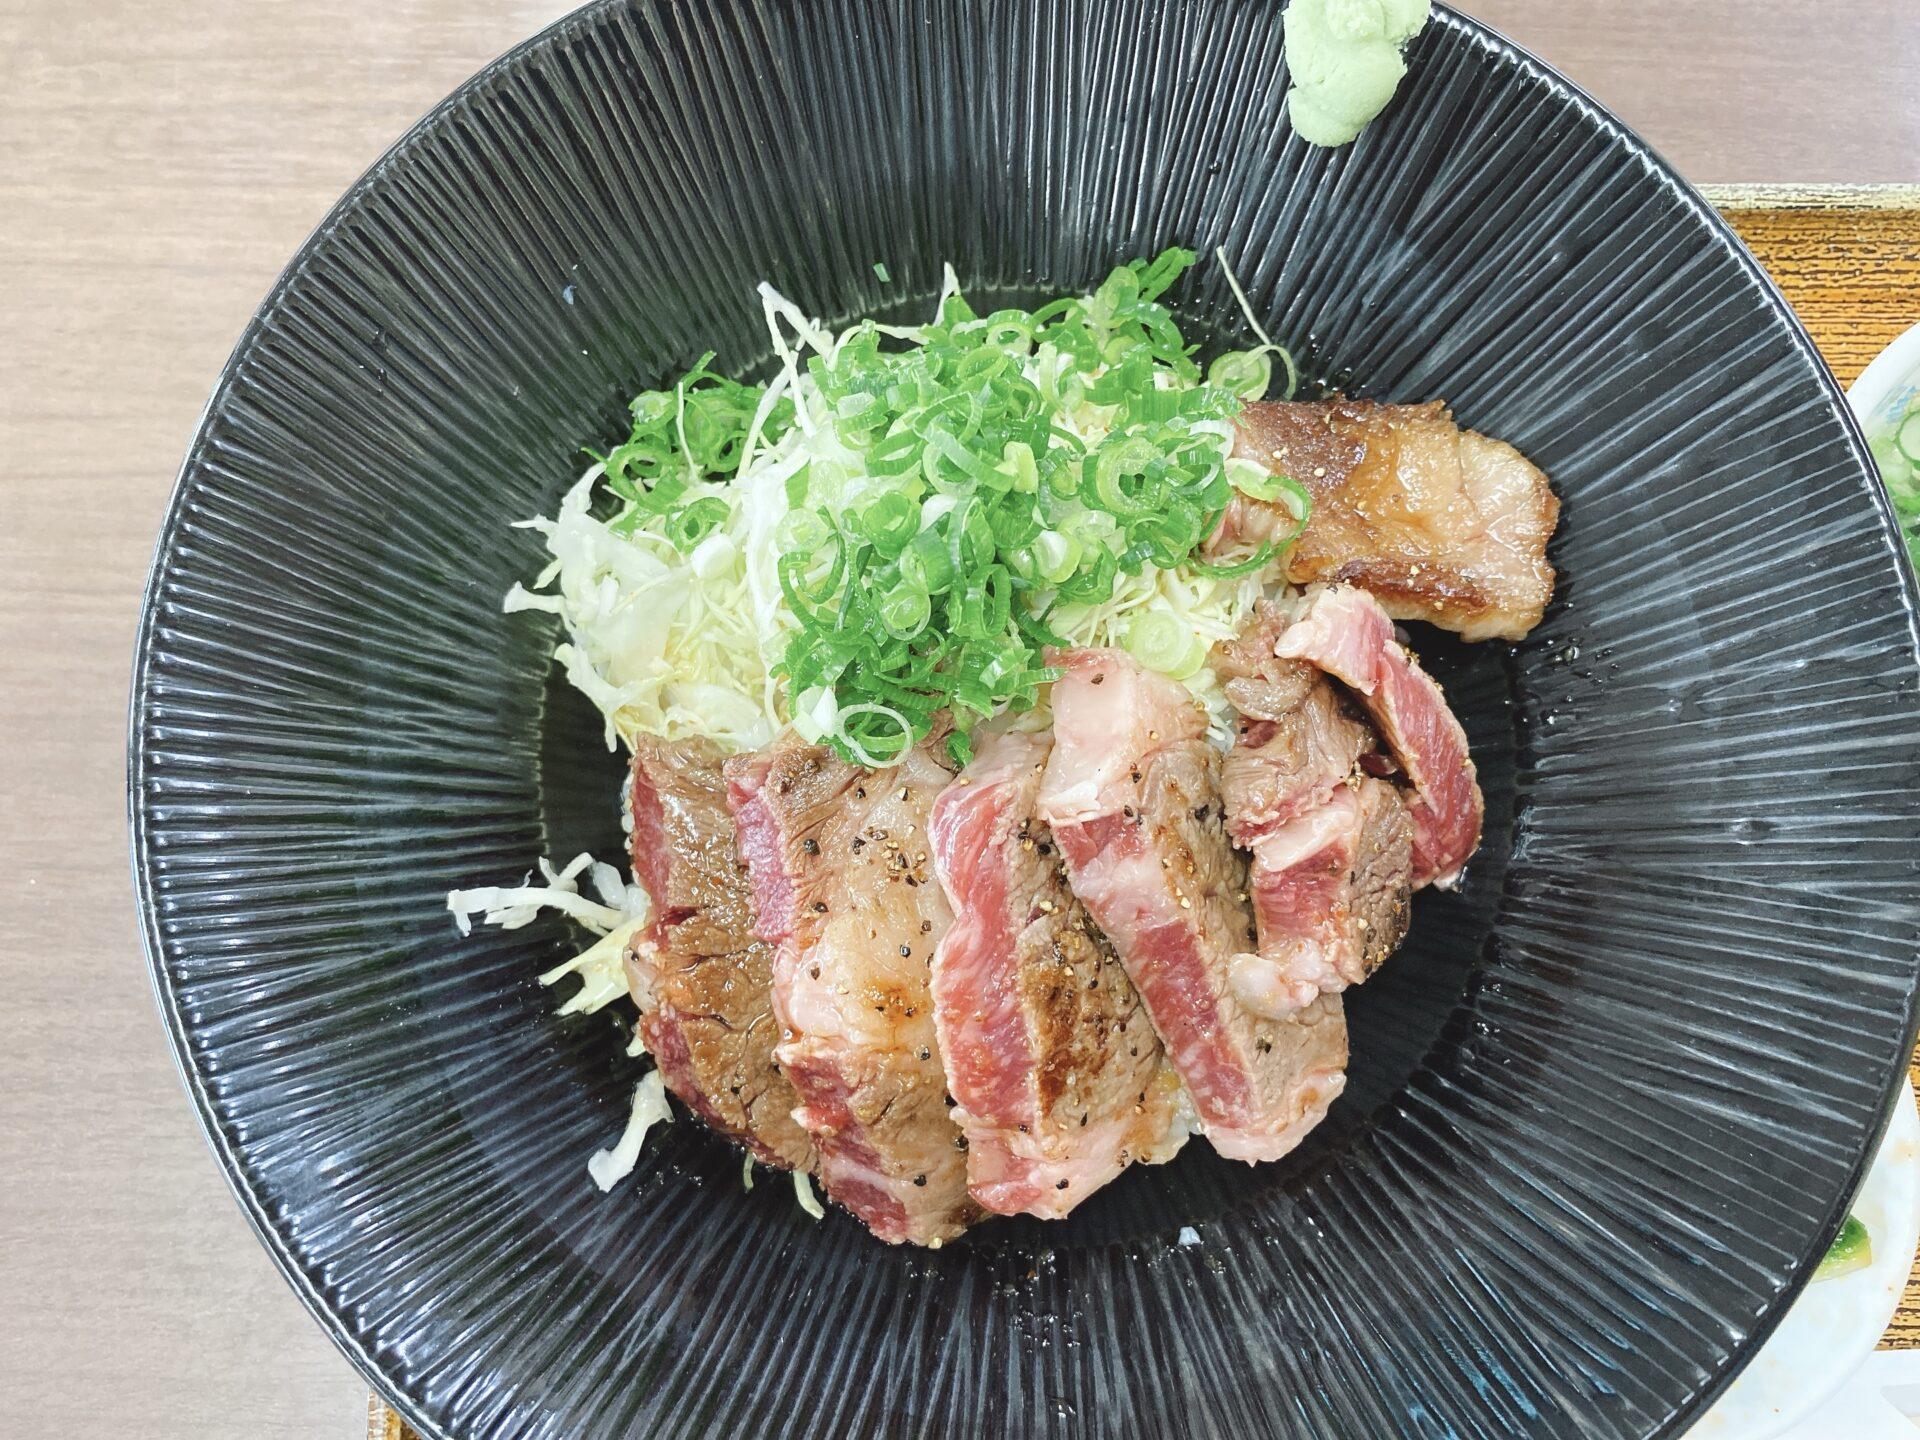 備前市の24時間営業の食堂【大阪屋】ランチタイムにロースステーキ丼!牛カルビ丼も美味しそう